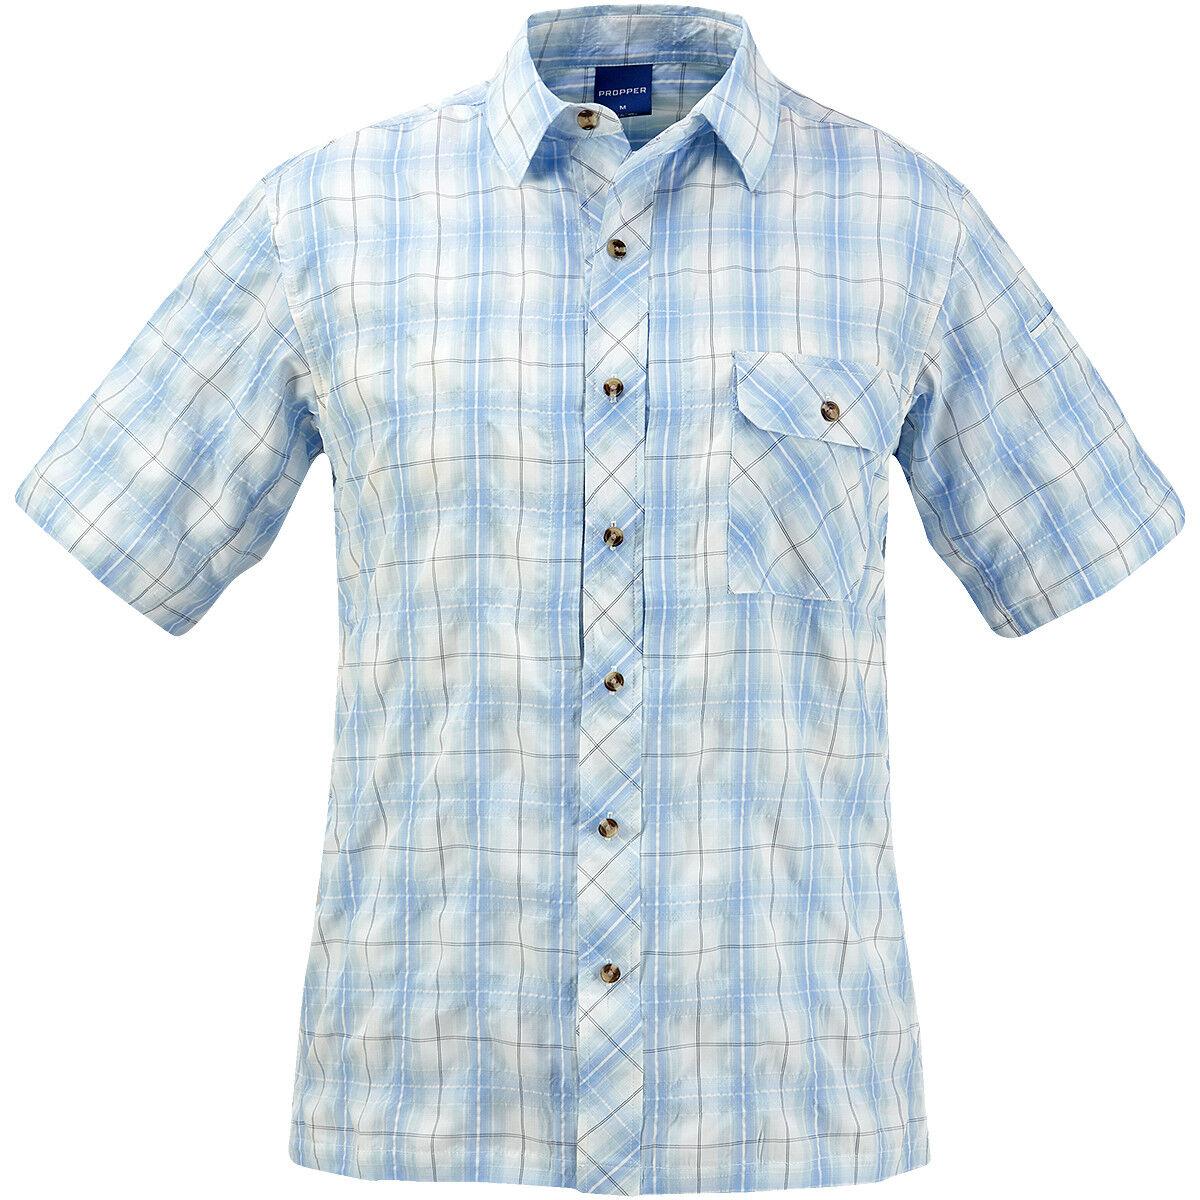 Propper Cogreen Button-Up Short Sleeve Shirt Uniform Police Mens Light bluee Plaid